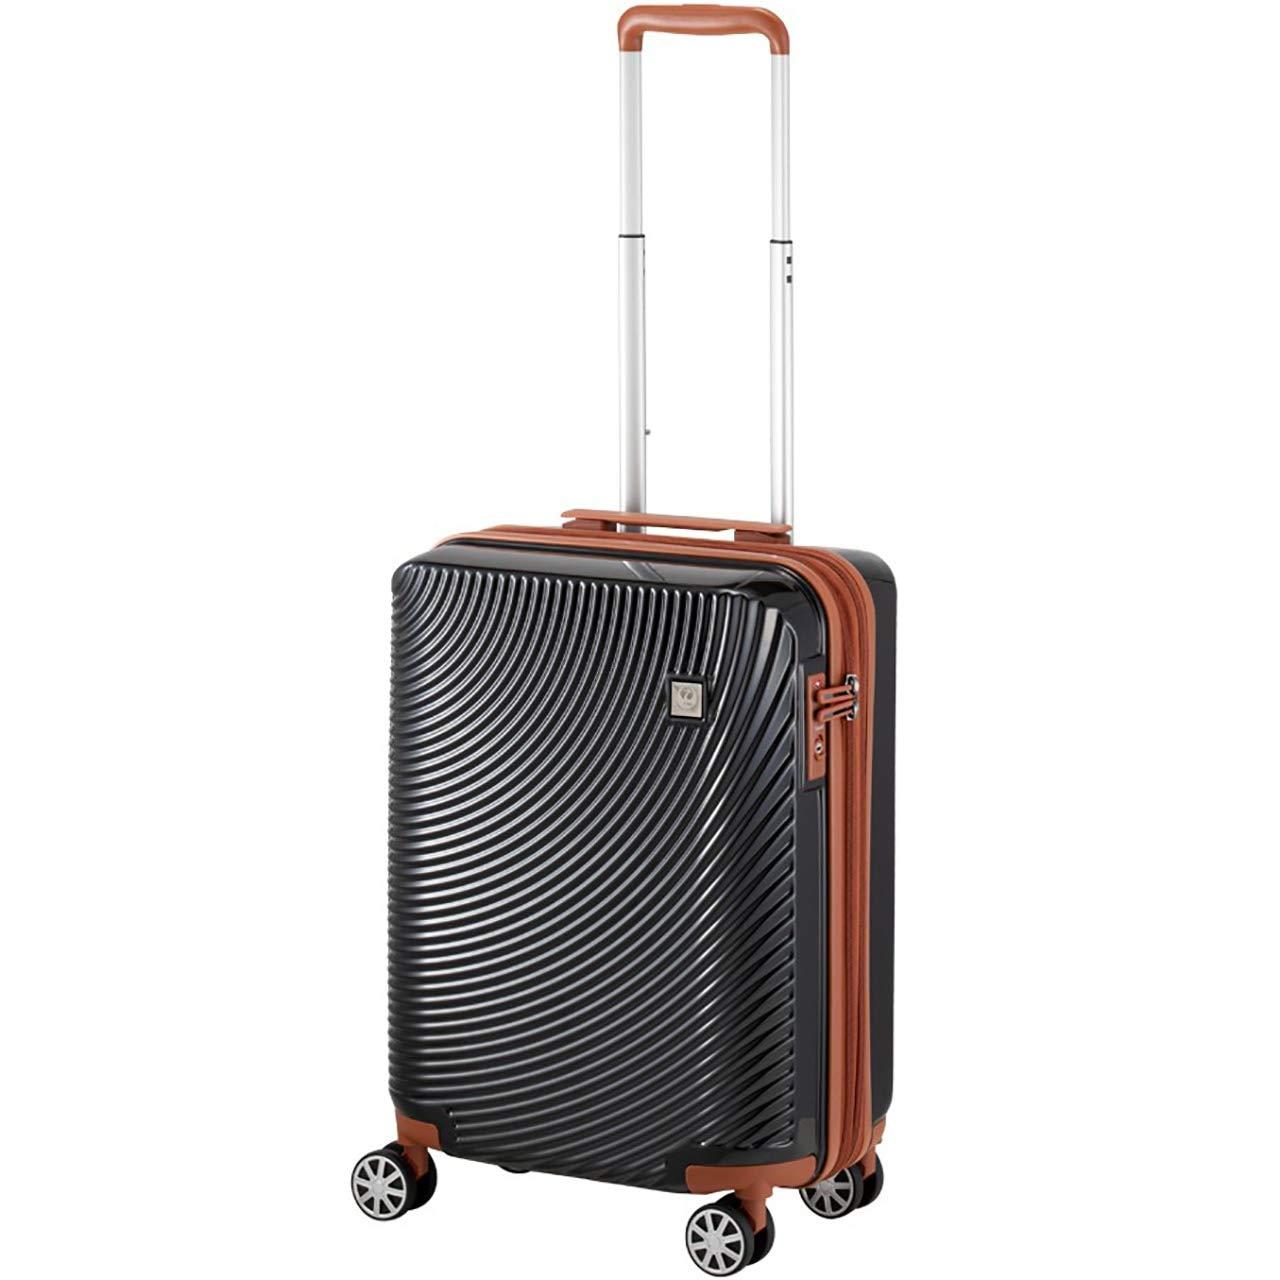 [プラスワン] スーツケース キャリーケース JAPAN AIRLINES 「JAL」機内持込み可 拡張式タイプ 容量37L(42L) 縦サイズ54.3cm 2.7kg 型番 601-47 B07KQRZD6X ブラック